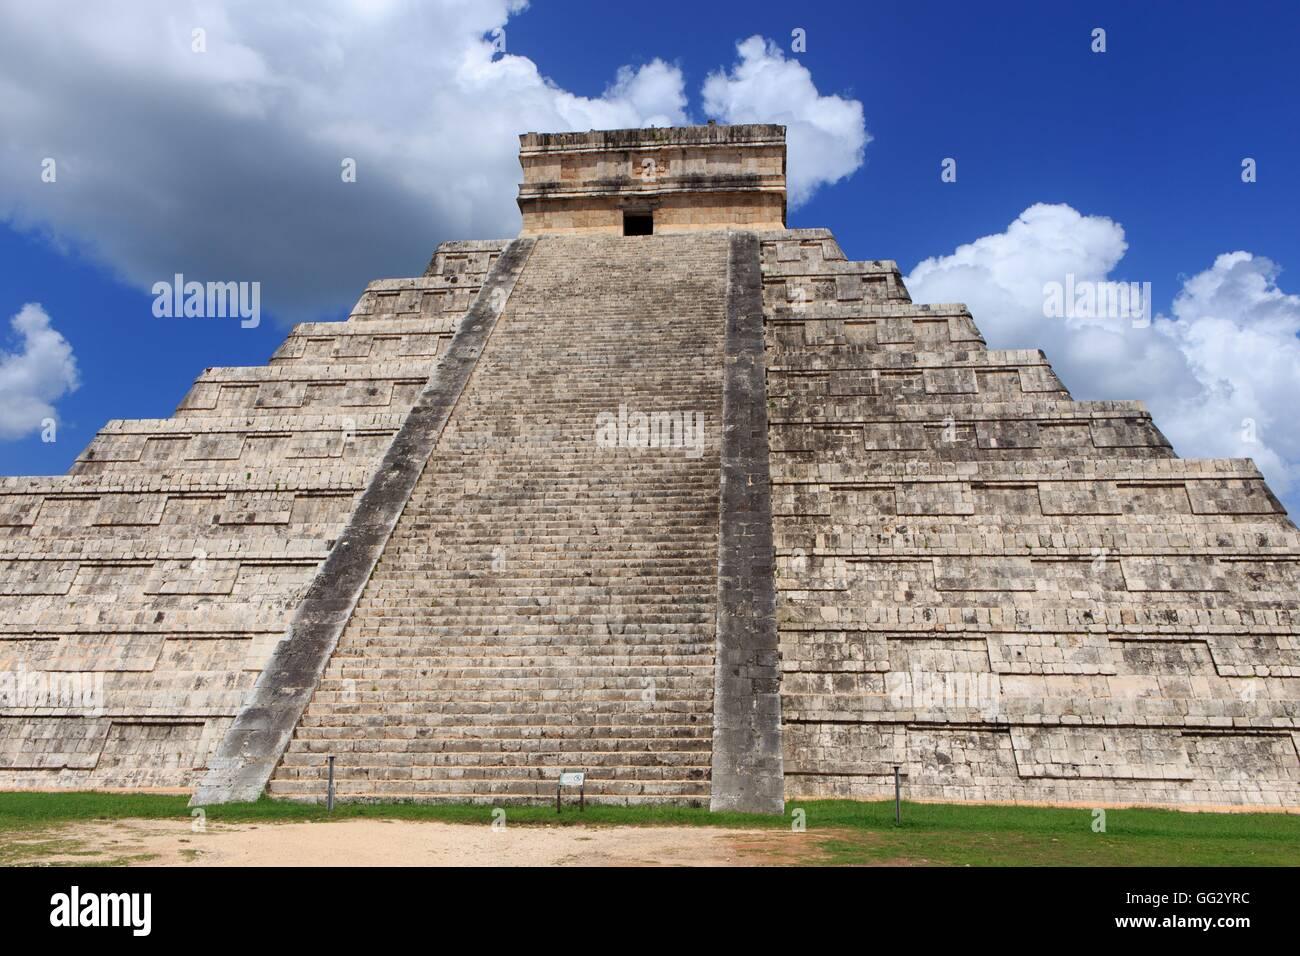 Historique Le site maya de Chichen Itza sur la péninsule du Yucatan au Mexique, d'Amérique centrale. Photo Stock